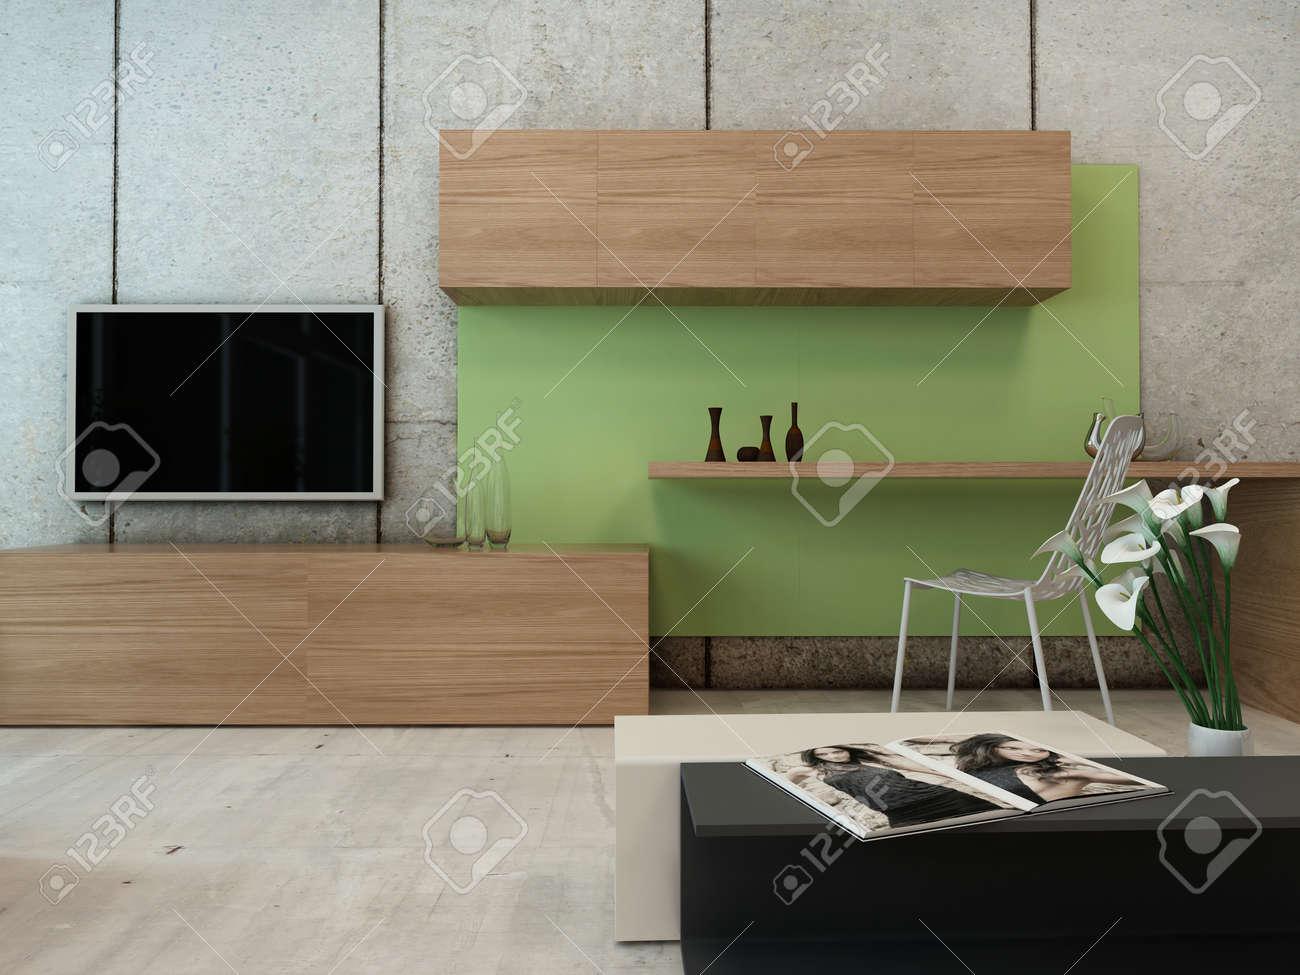 Vivre Interieur De La Chambre Avec Tv Rack Et Armoire Murale En Bois